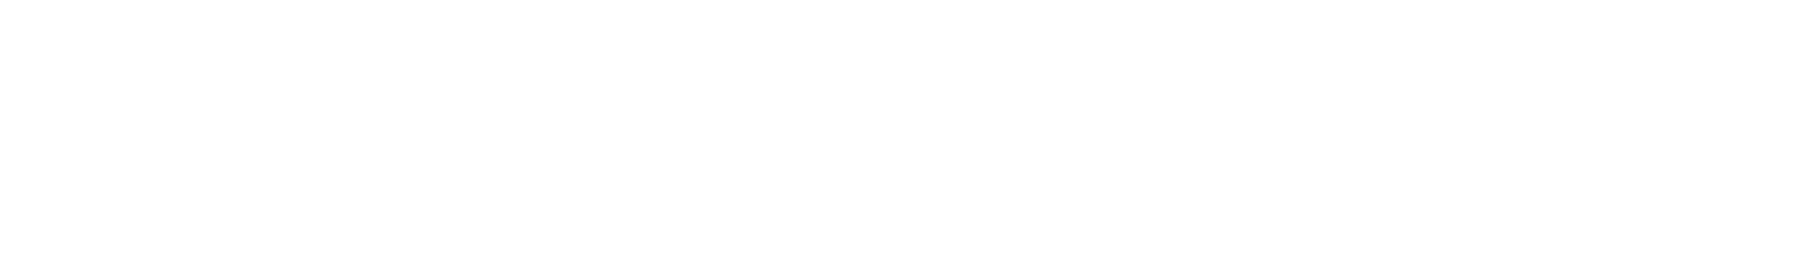 vocal fx   naming house genre 124 bpm